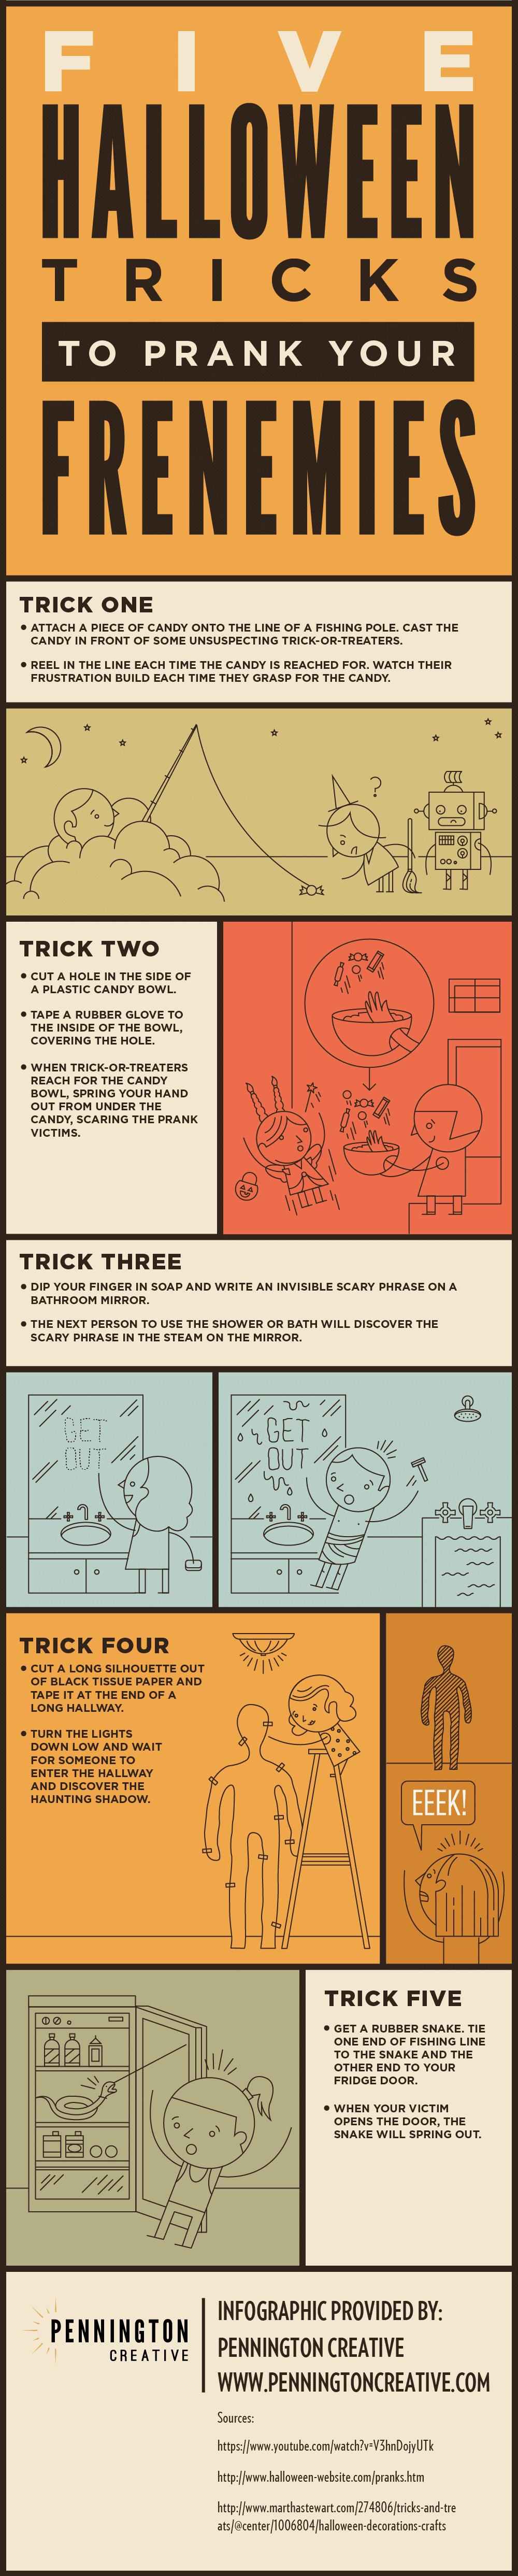 Halloween Pranks Infographic